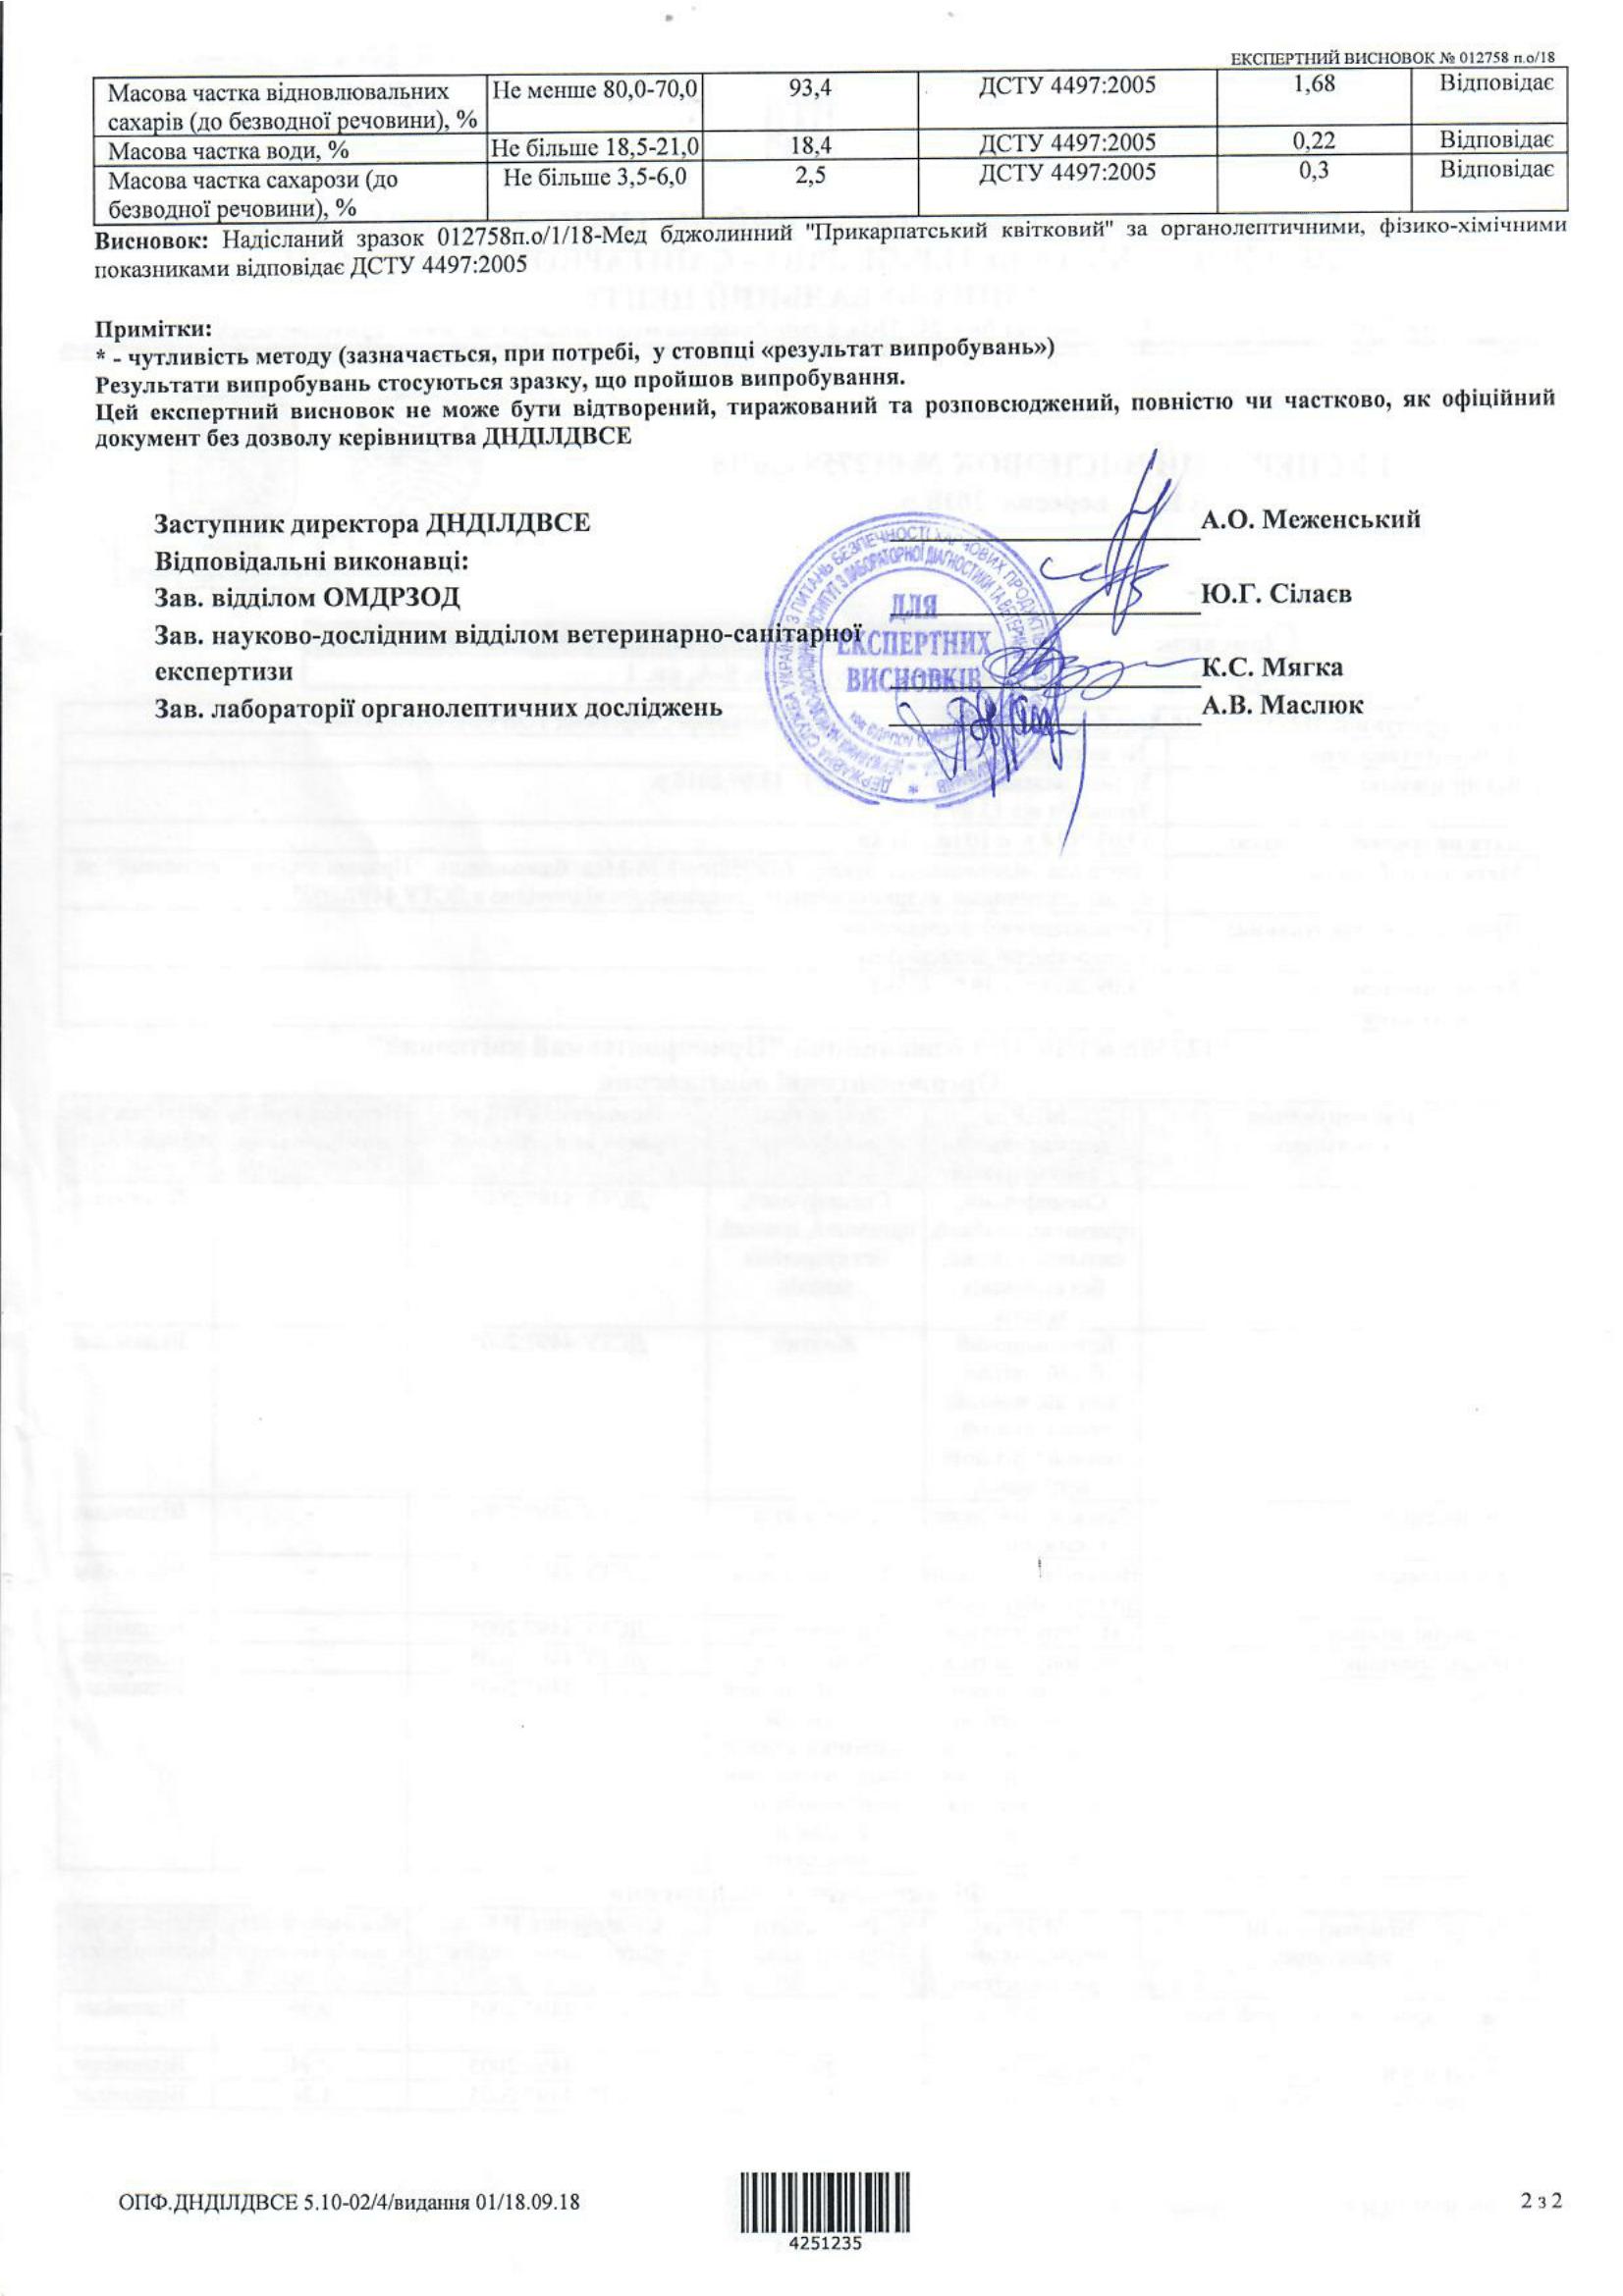 Експертний висновок на мед Прикарпатський квітковий-2-1653x2339